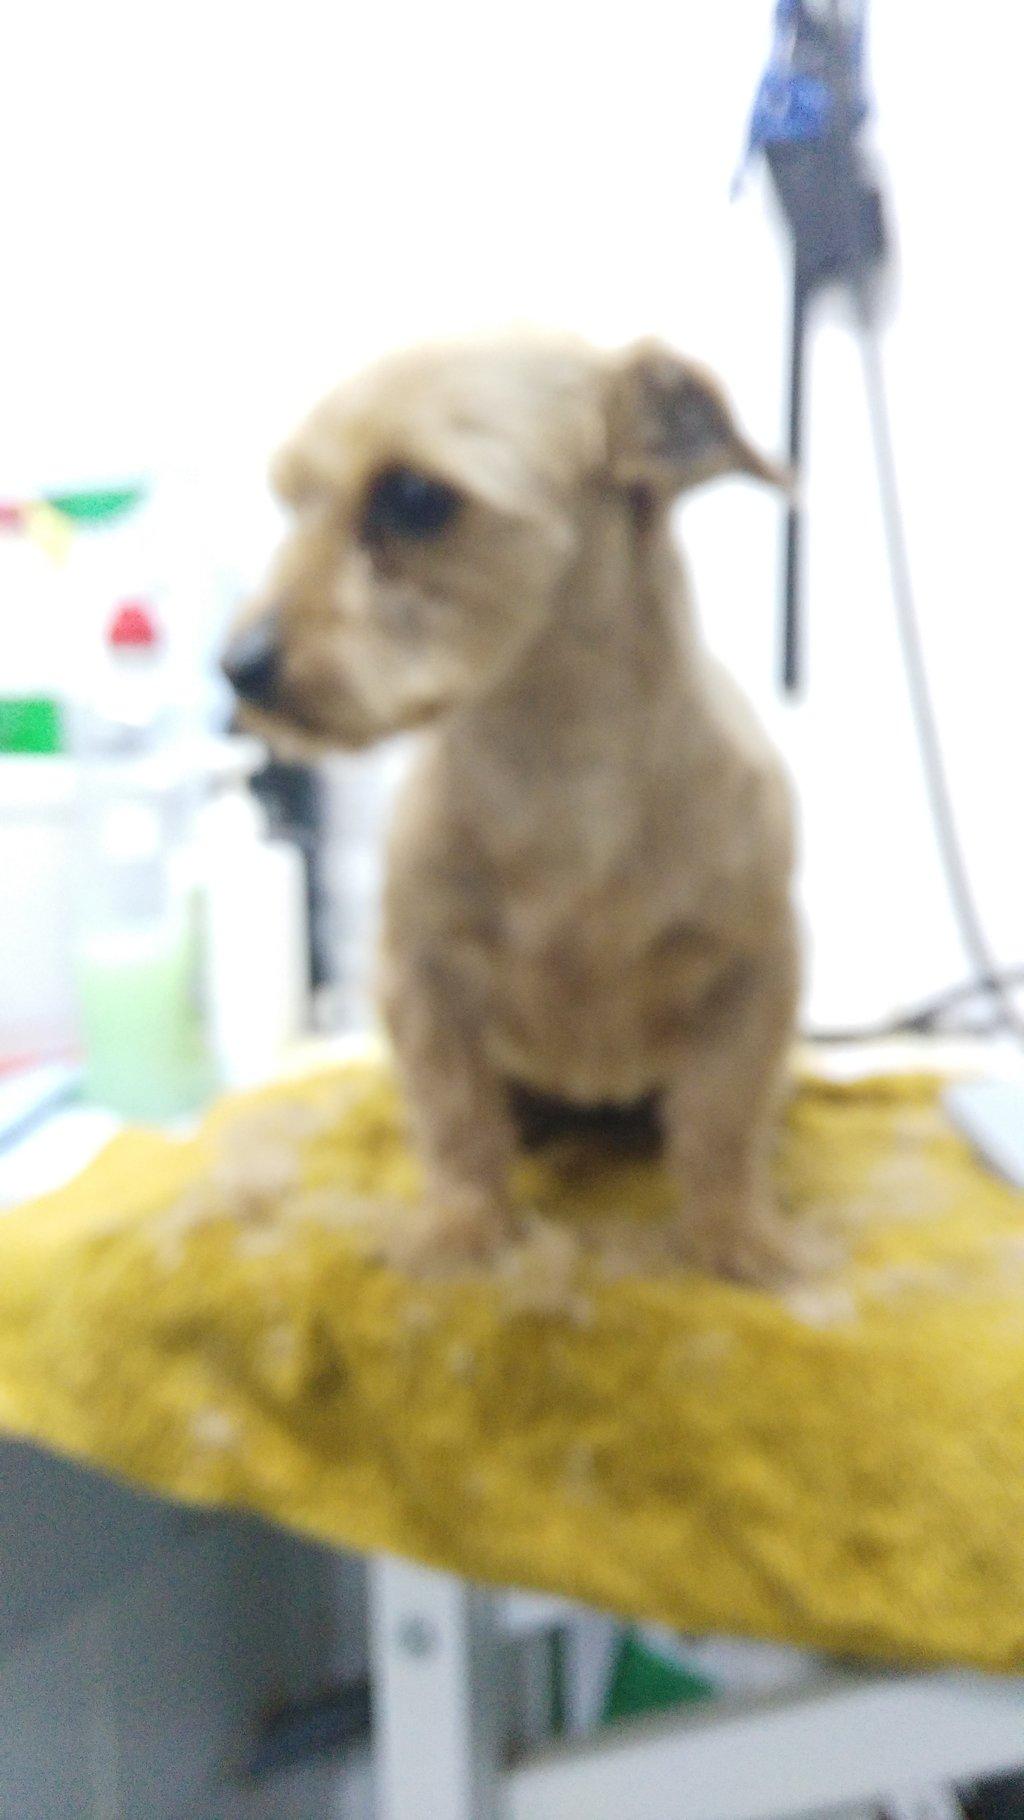 Bildertagebuch - Dakota, eine ganz süße kleine Maus lebte unter schlechten Bedingungen und wurde endlich befreit...VERMITTELT! 35124147fo